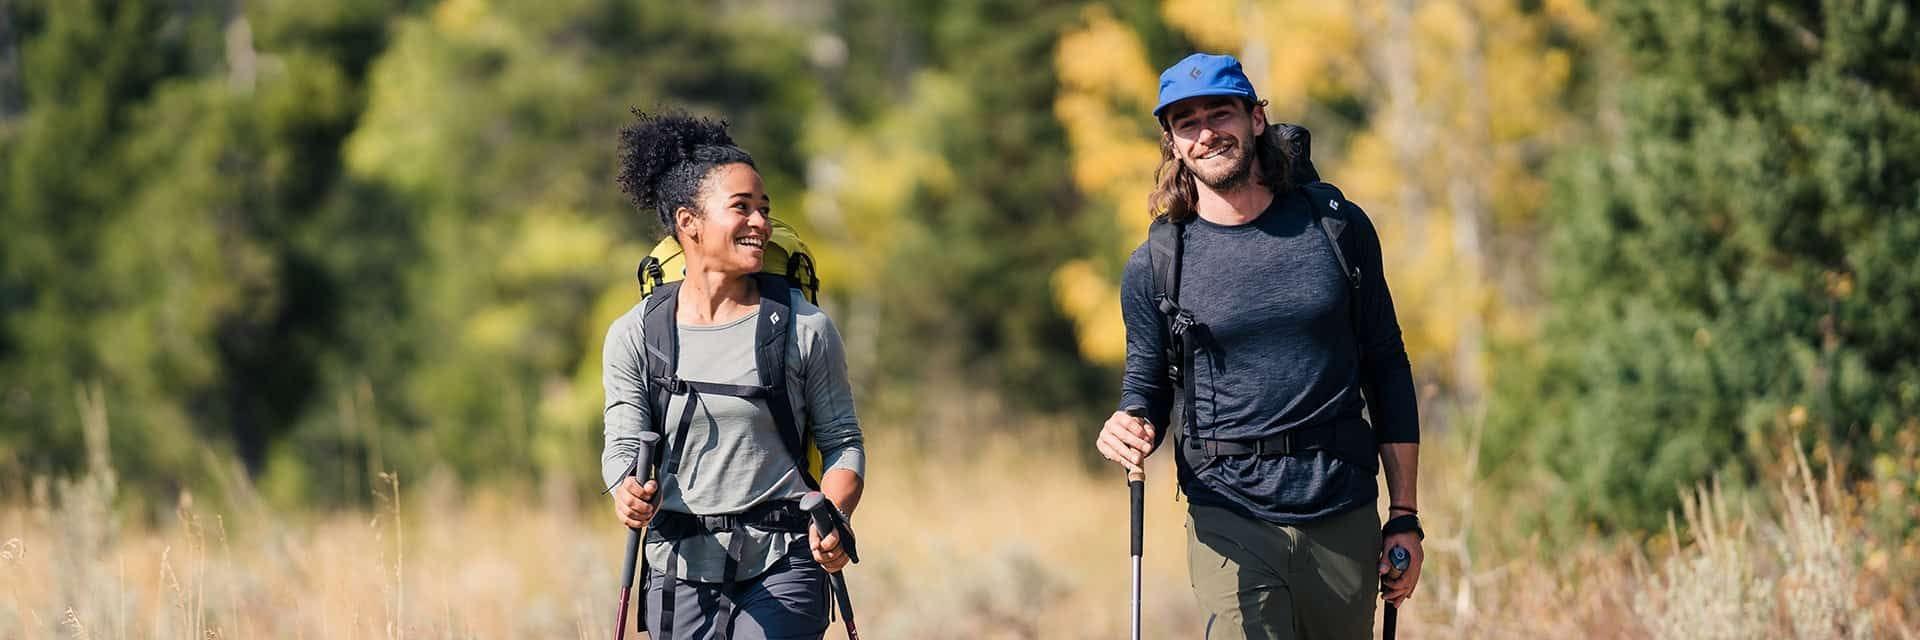 Les meilleurs bâtons de randonnée en 2021